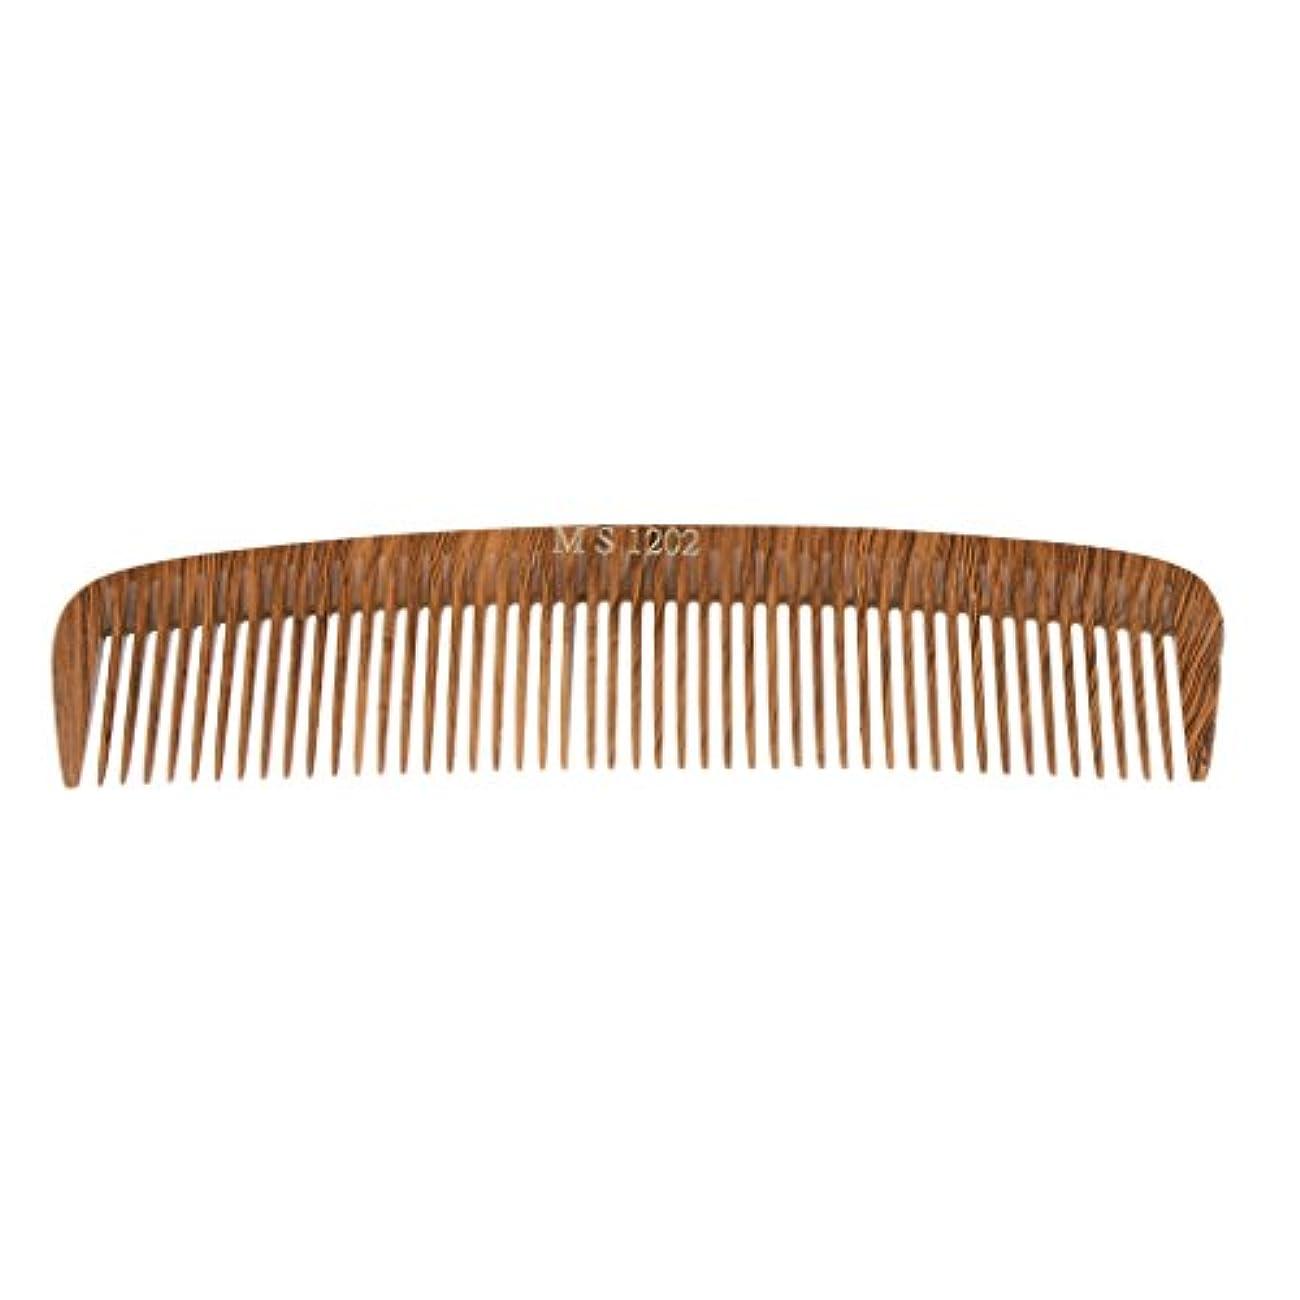 退屈な虐待カールヘアカットコーム コーム 木製櫛 くし ヘアブラシ ウッド 帯電防止 4タイプ選べる - 1202